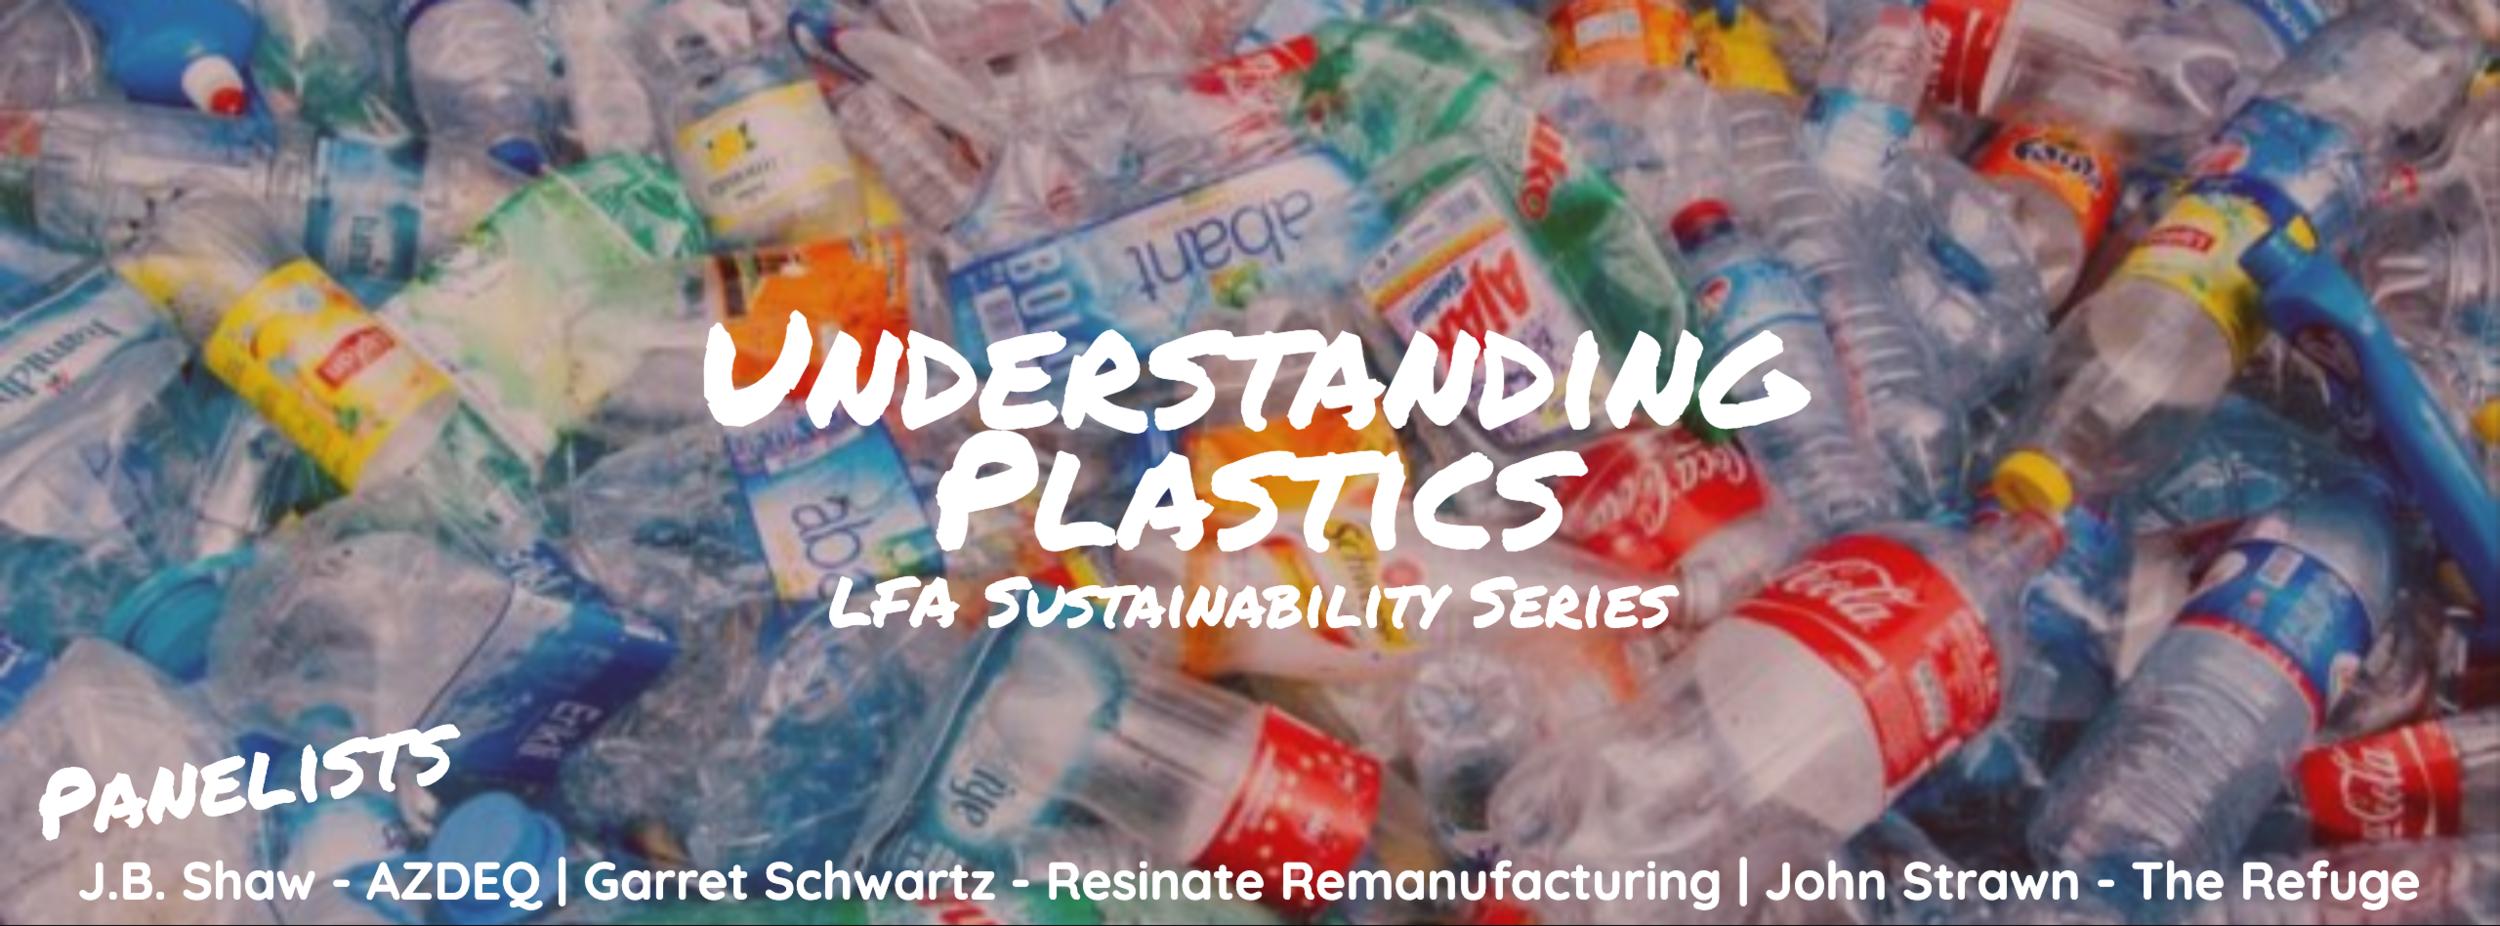 PlasticsEvent.png